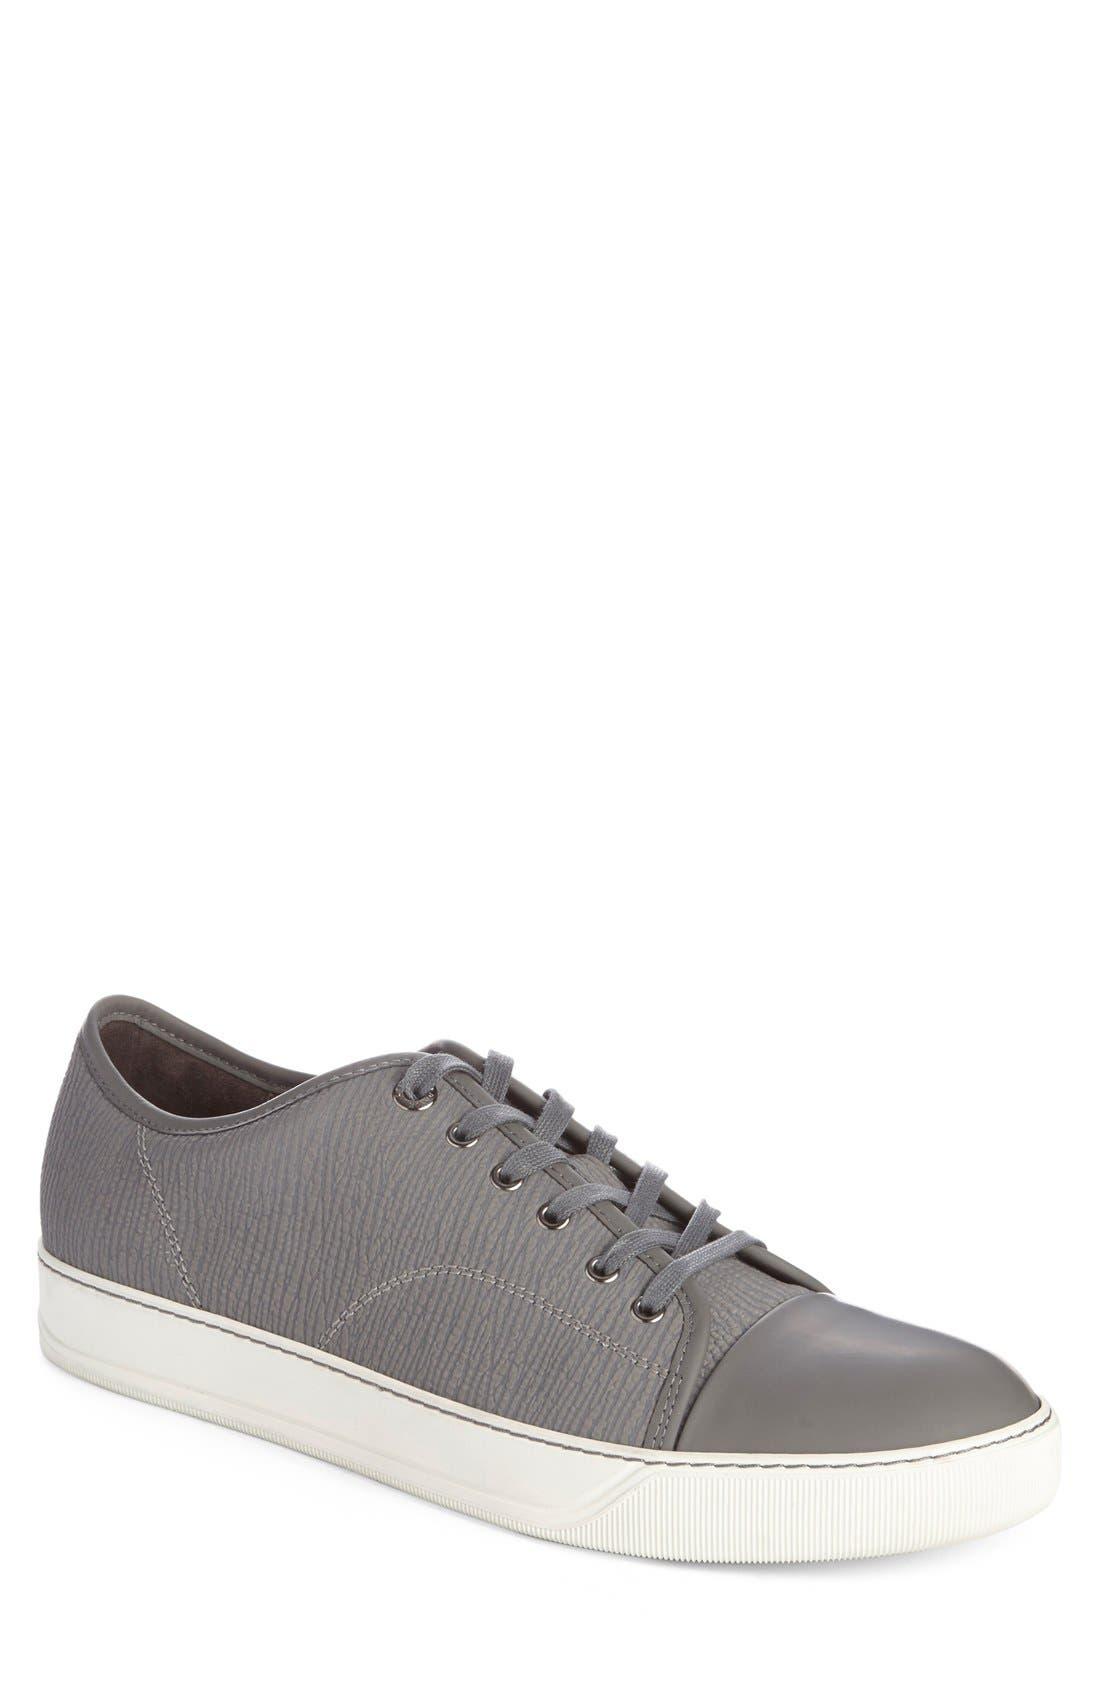 Alternate Image 1 Selected - Lanvin Low Top Sneaker (Men)